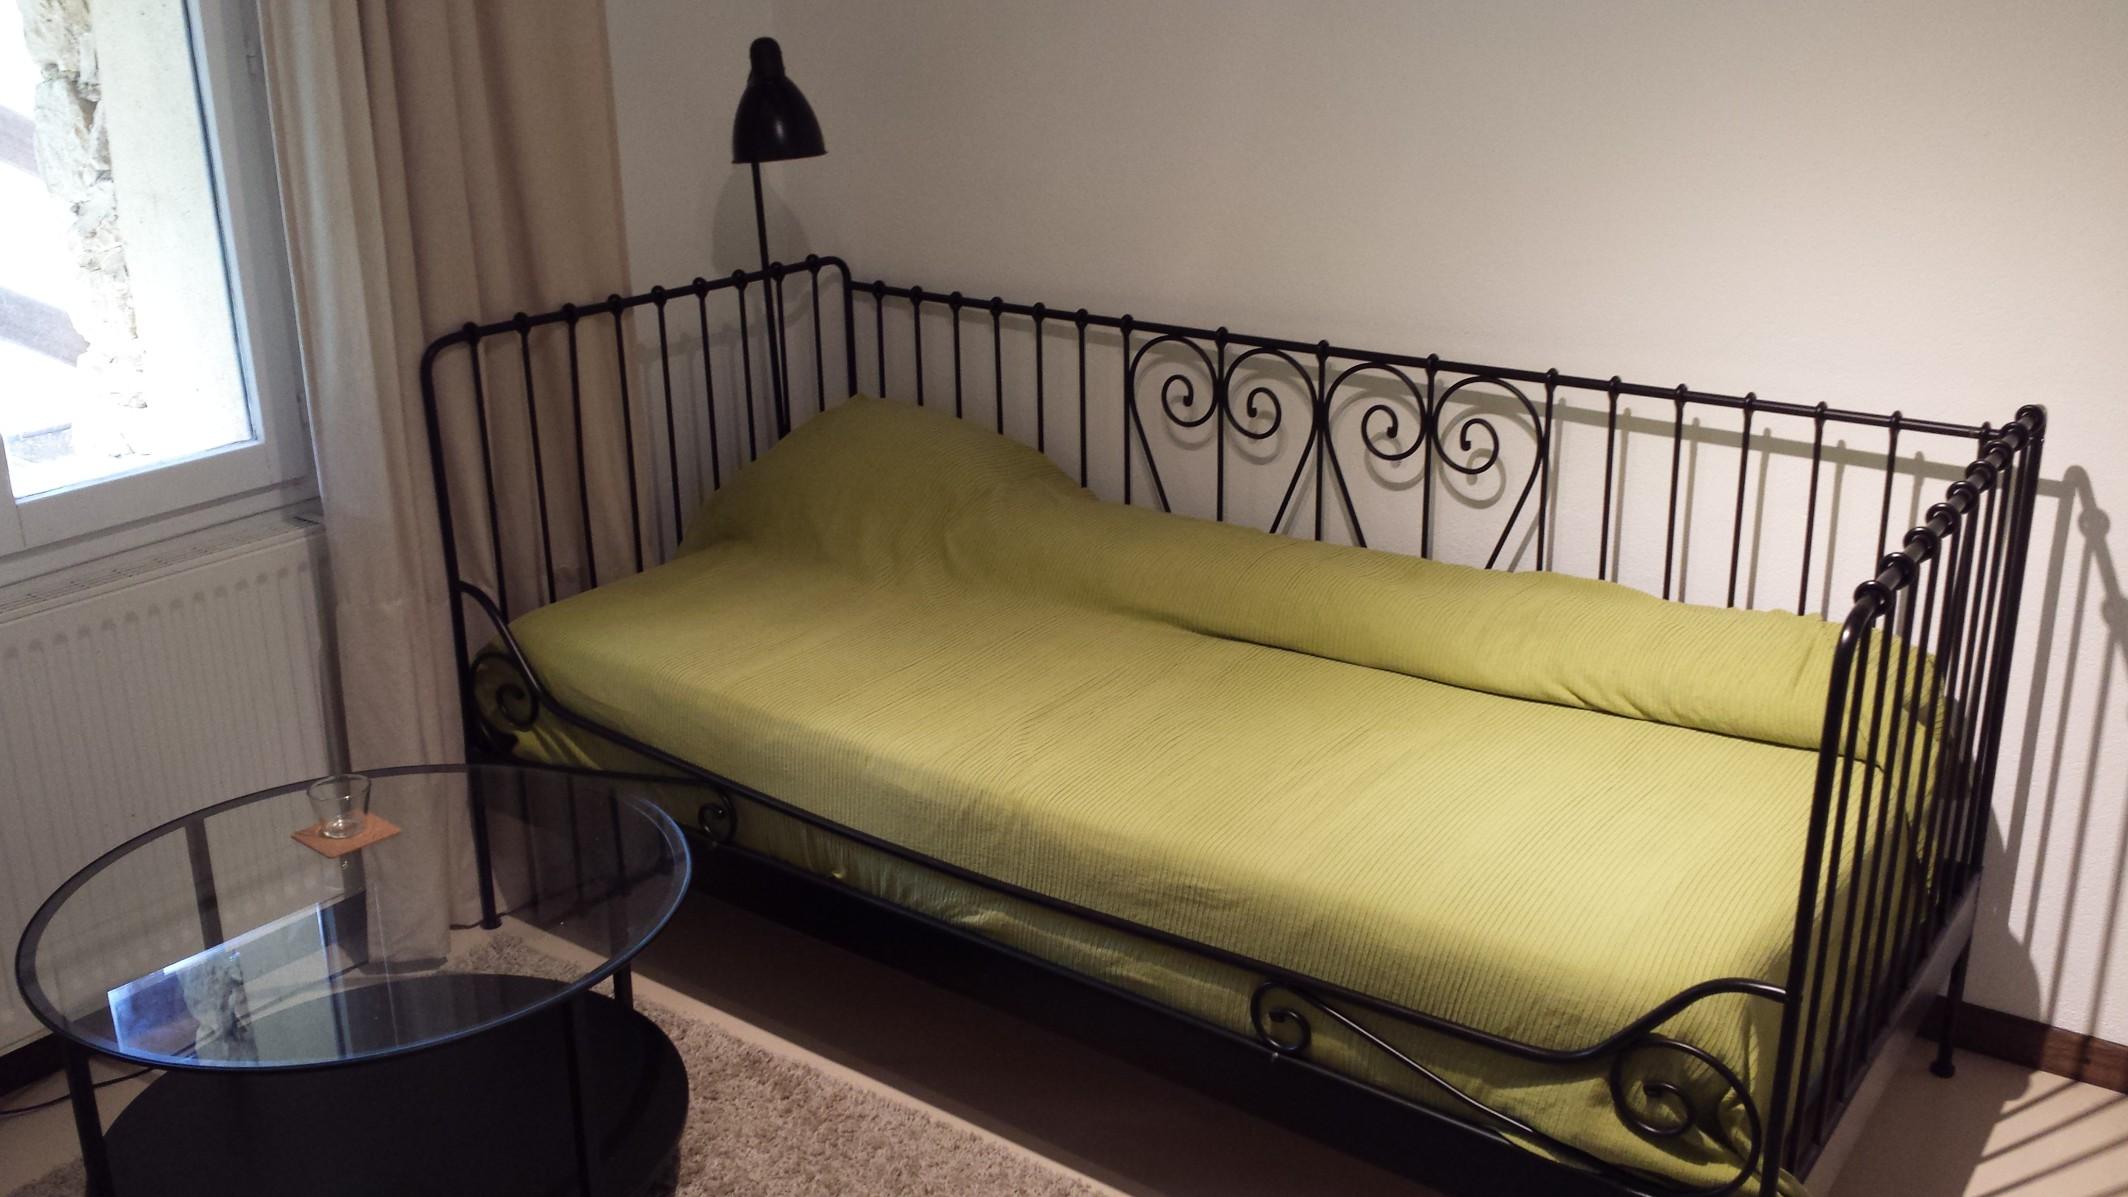 Owi Schlafzimmer unten Rechts